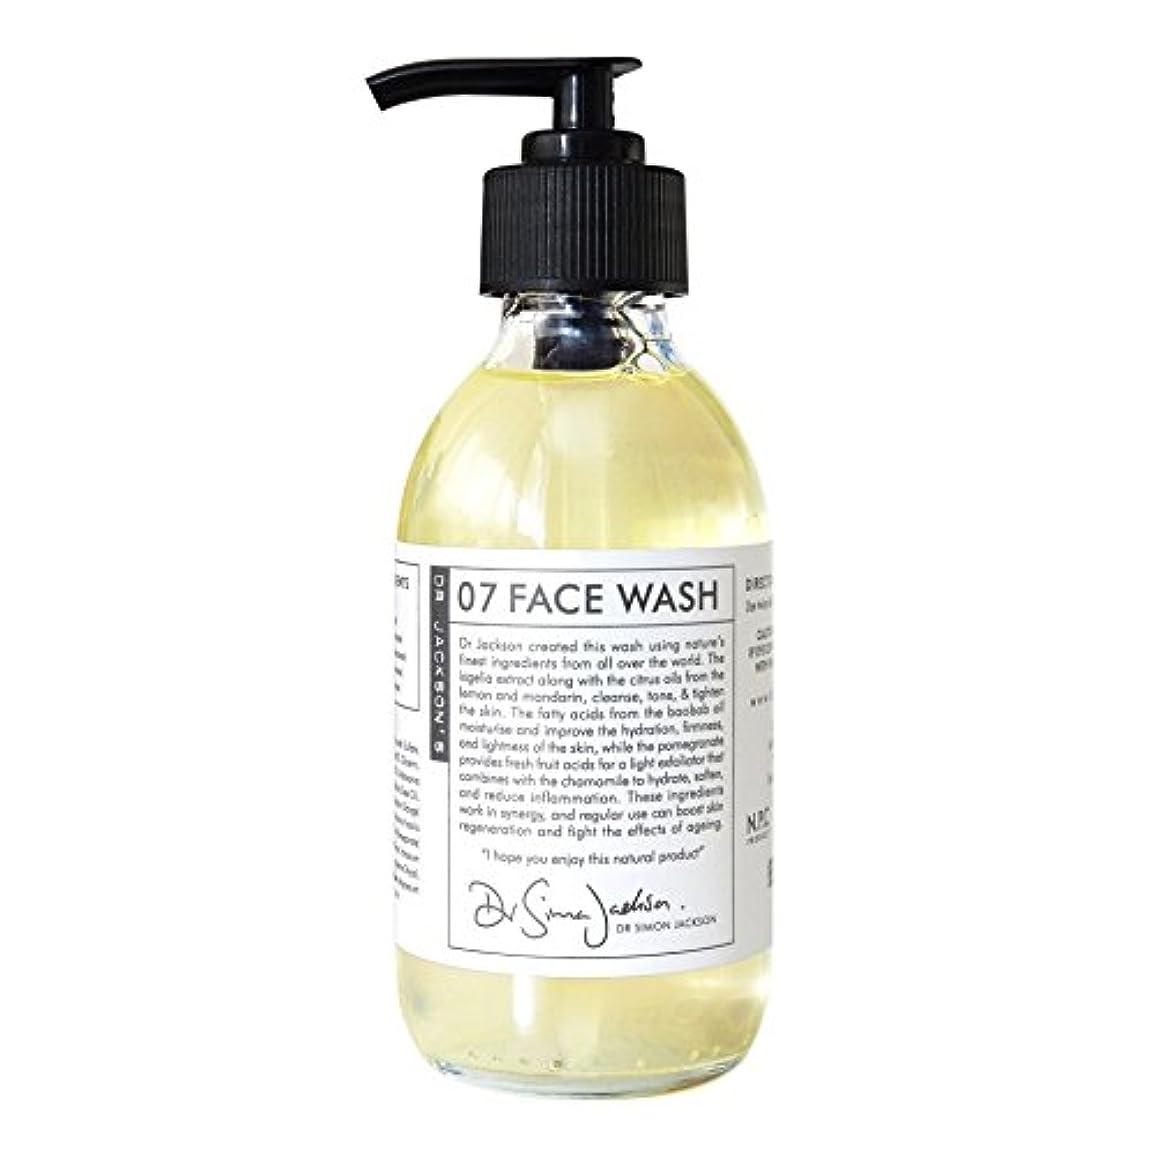 奇跡的な考古学的ないたずらDr Jackson's 07 Face Wash 200ml - ジャクソンの07洗顔ジェル200 [並行輸入品]